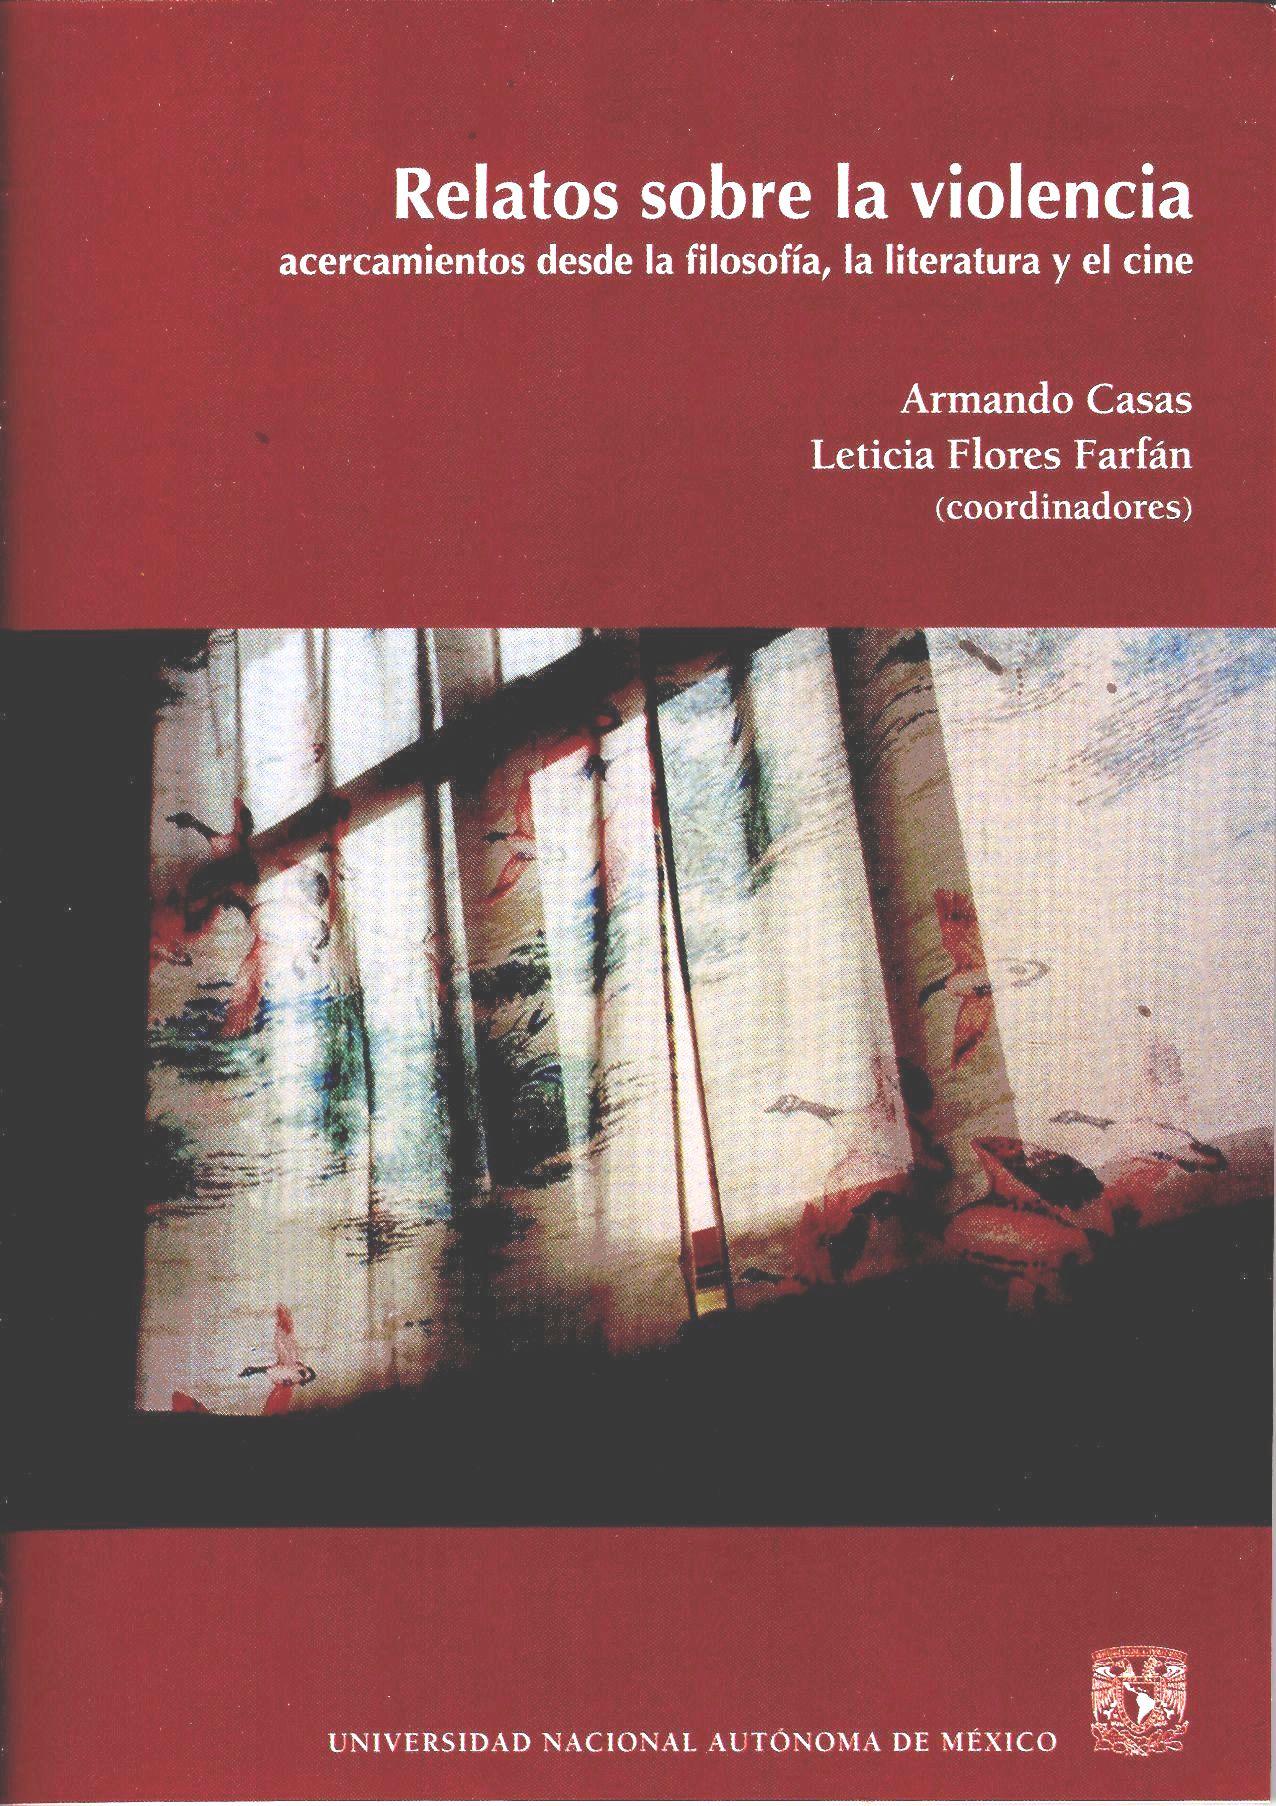 Relatos sobre la violencia. Acercamientos desde la filosofía, la literatura y el cine